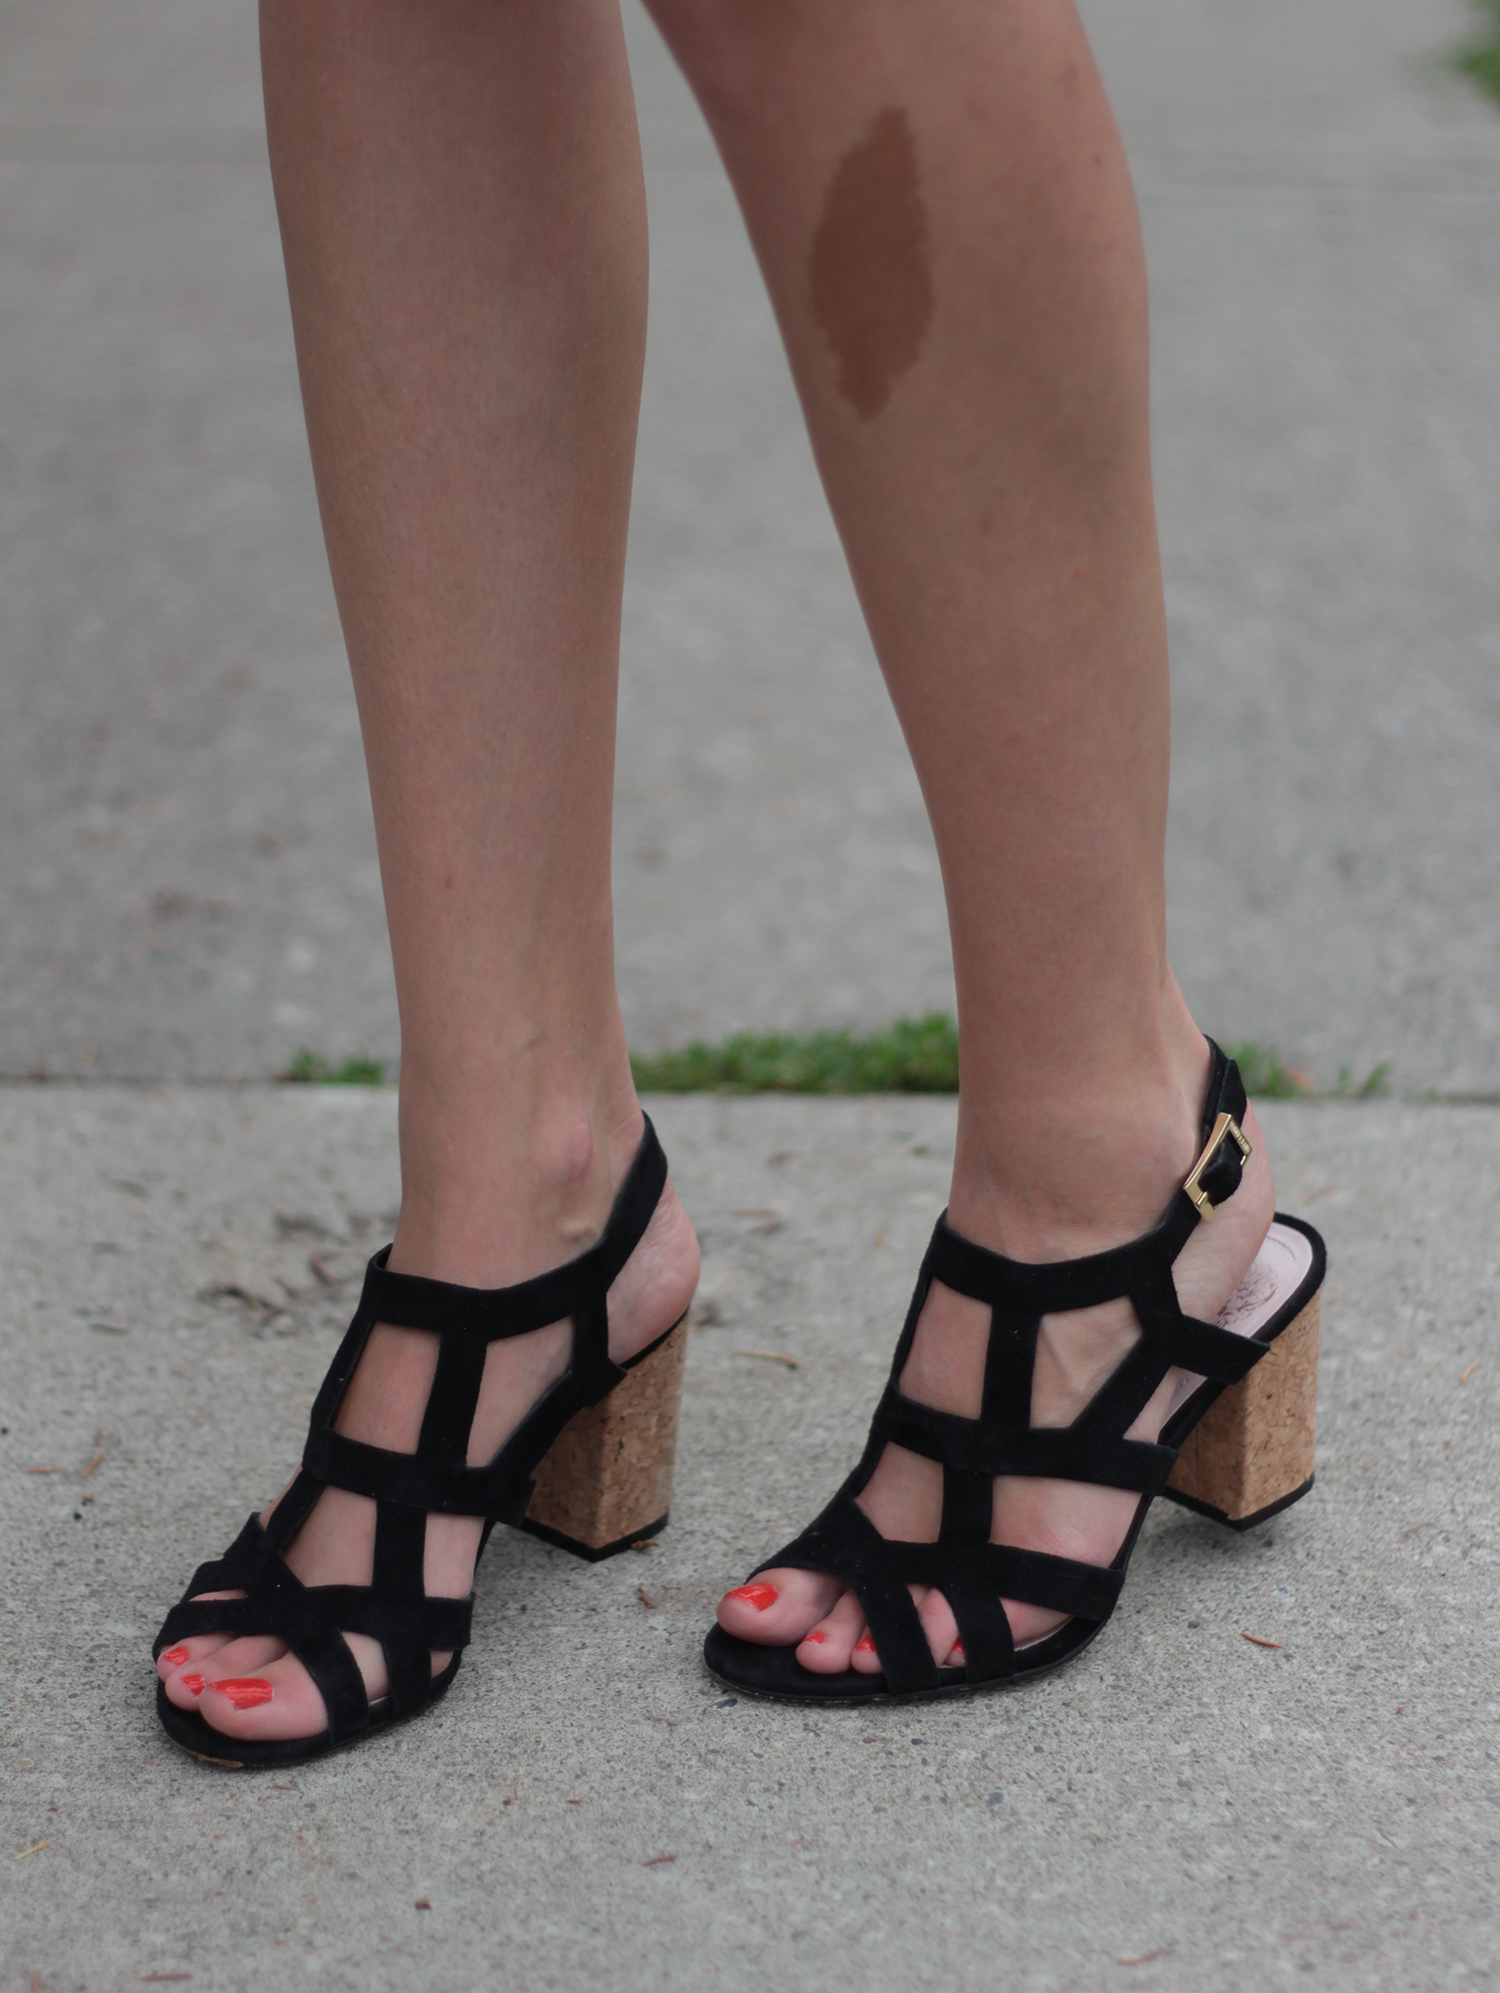 black suede cage sandals cork heel